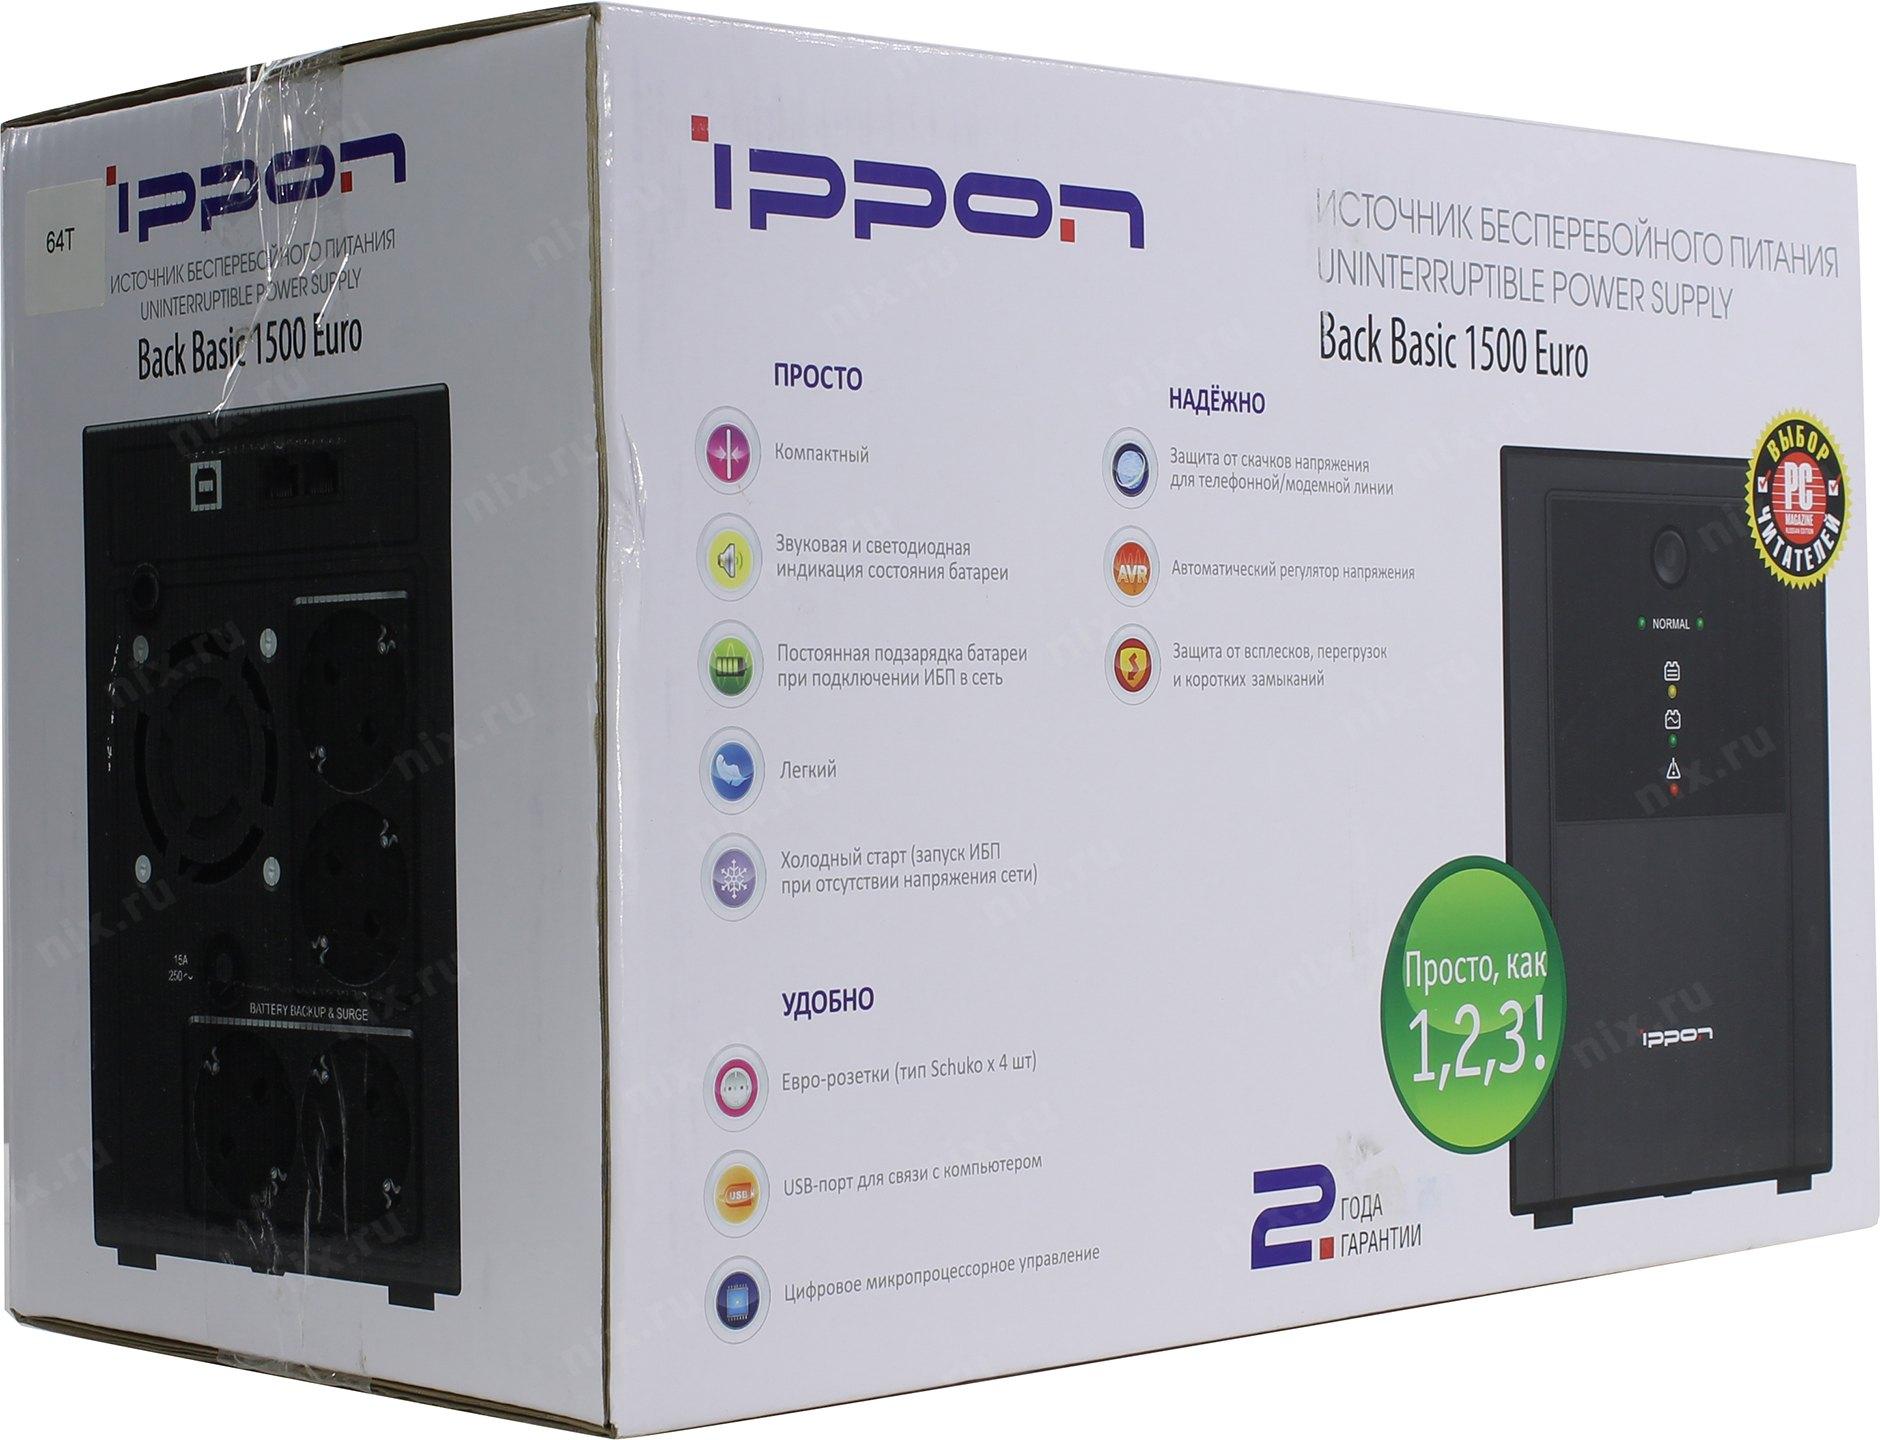 ИБП Ippon Back Basic 1500 Euro, вид упаковки